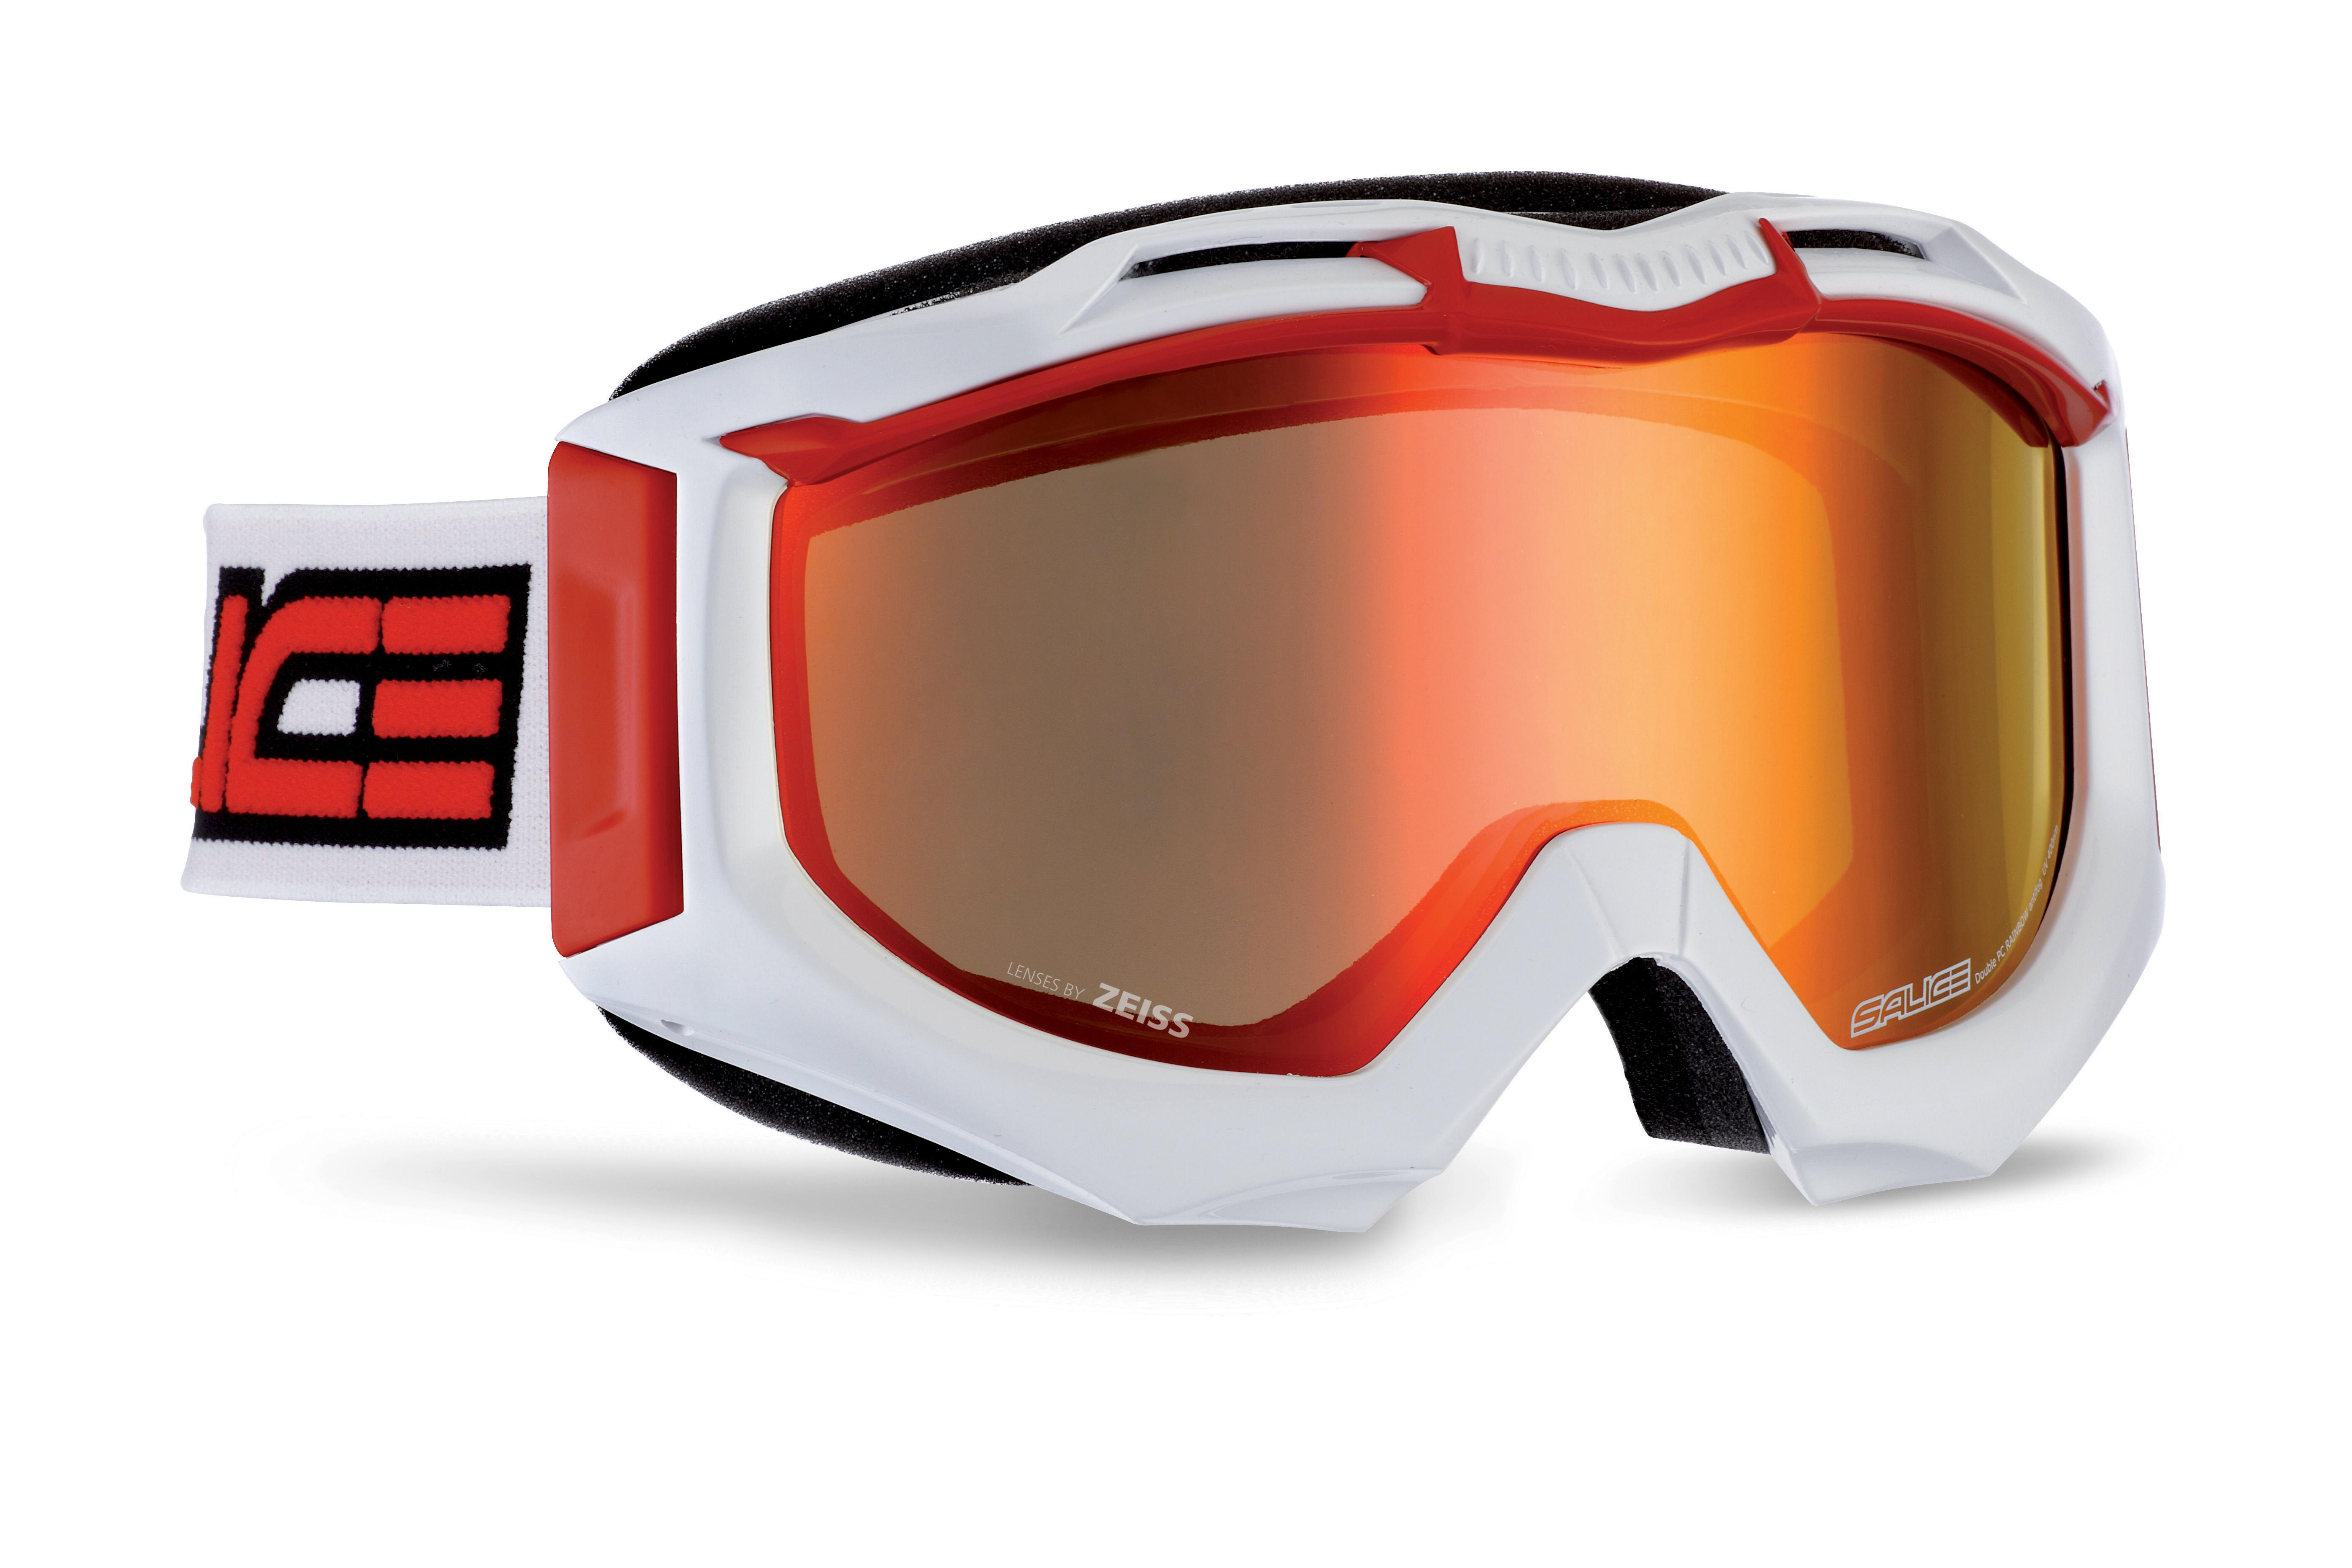 Купить Очки горнолыжные Salice 602DARWF White/RW Red, горнолыжные, 1126884